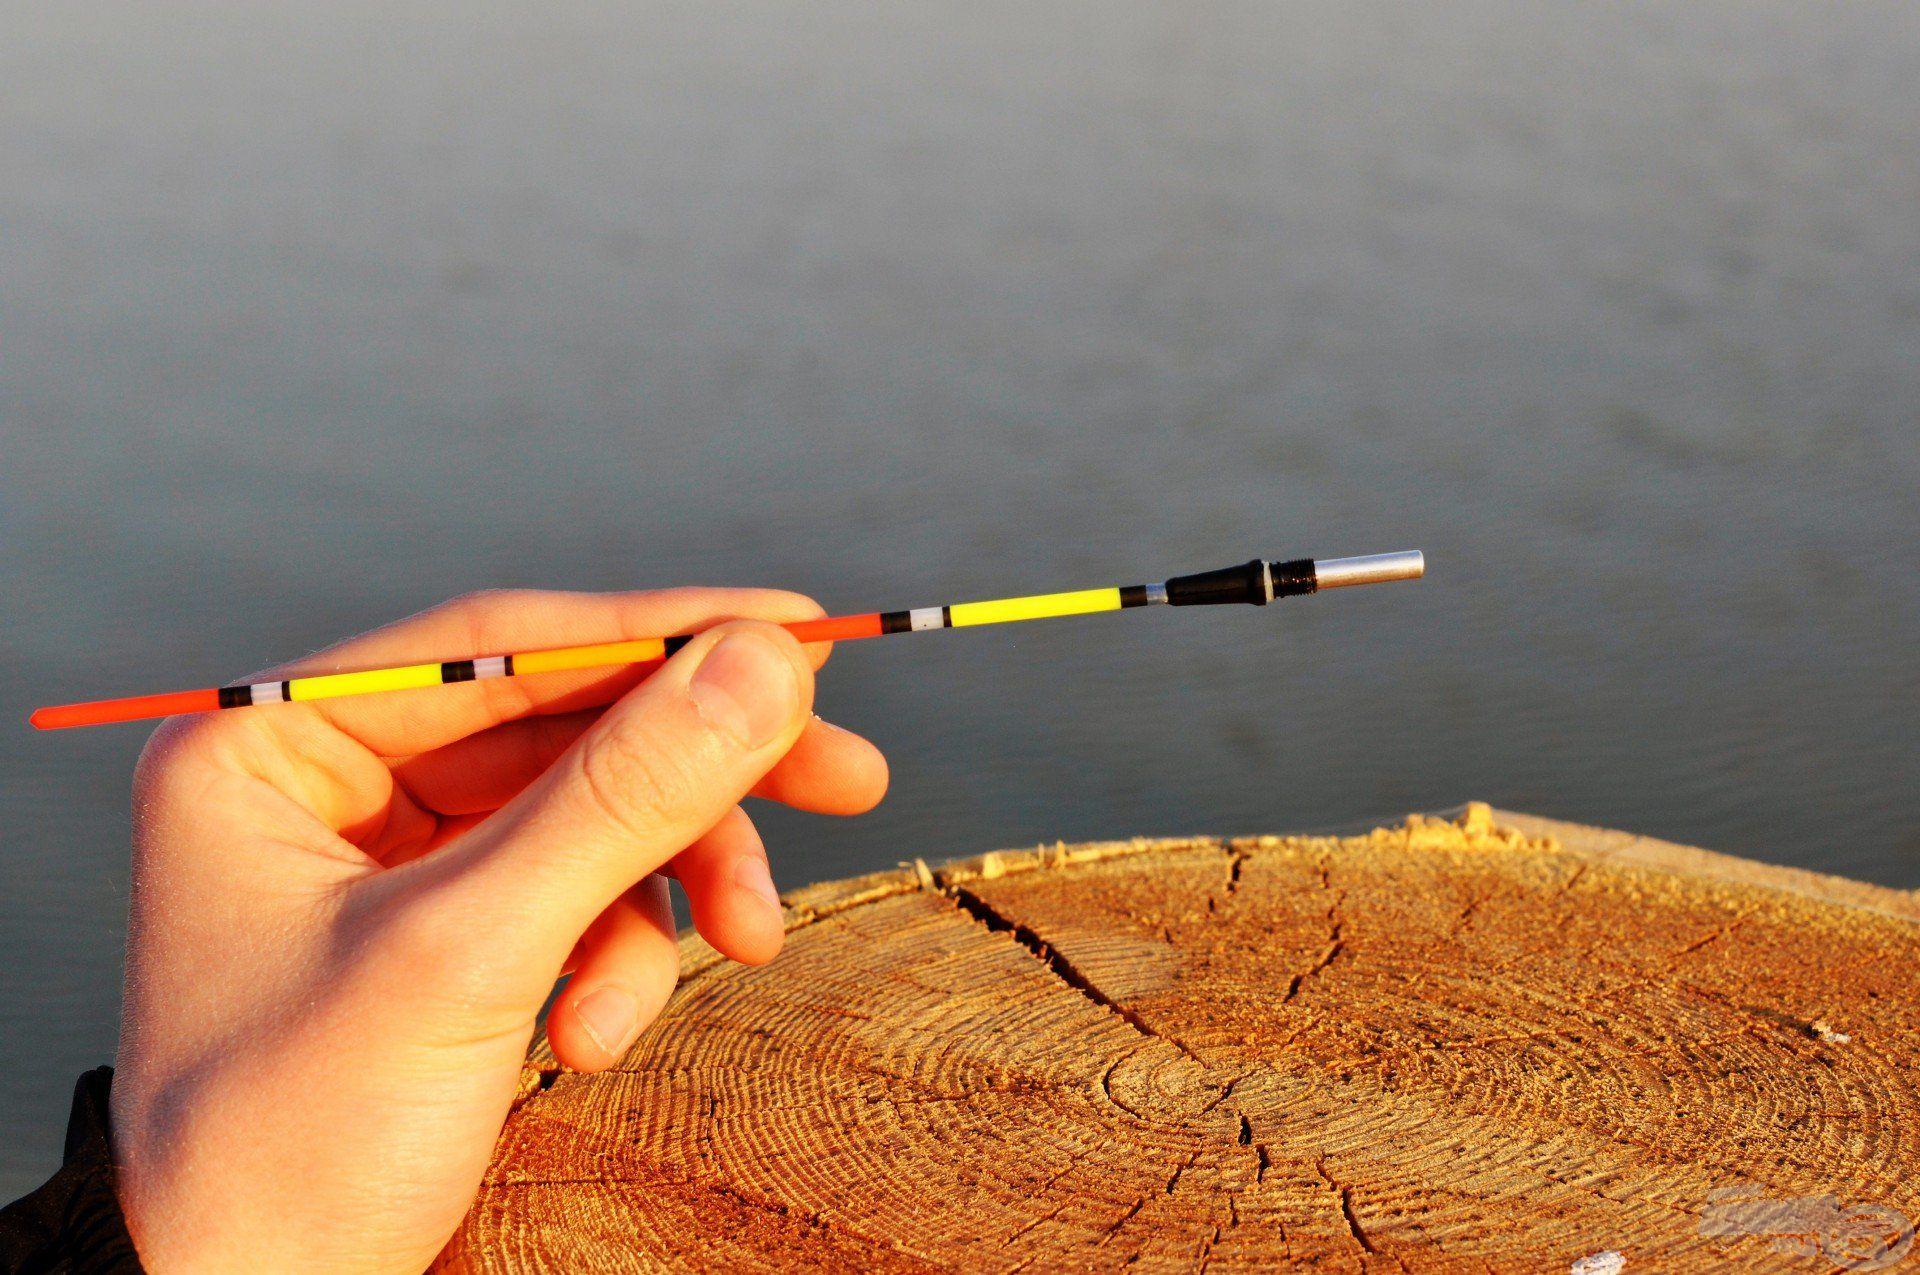 … fordítsuk meg az elemet úgy, hogy a tüske szorosan illeszkedjen az antennába…